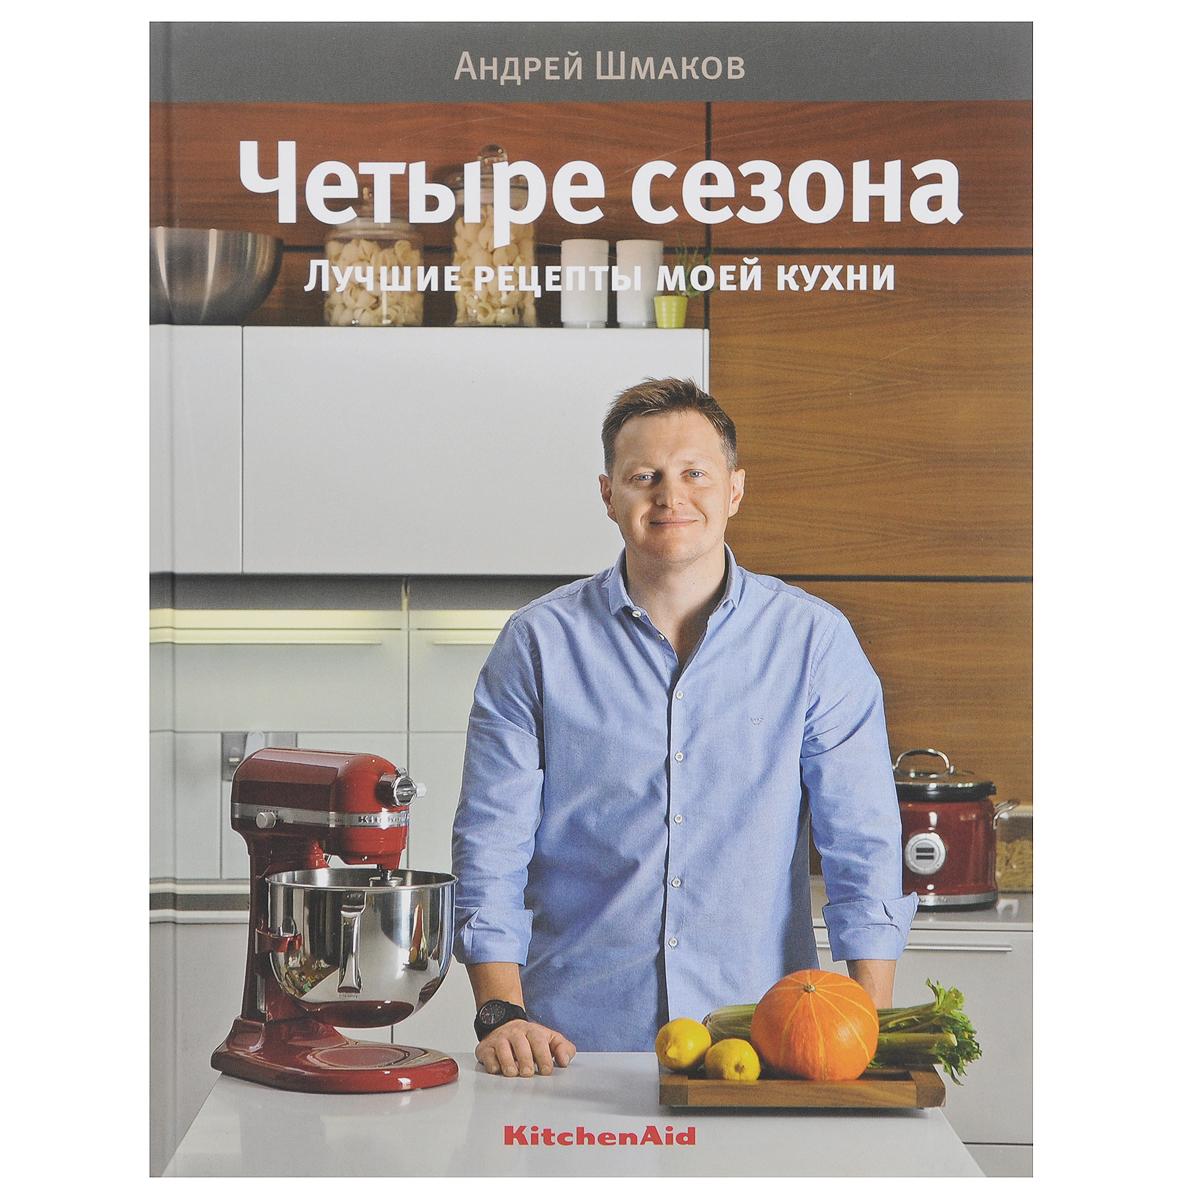 Андрей Шмаков Четыре сезона. Лучшие рецепты моей кухни билеты на 615 автобус на жд вокзале в хельсинки отзывы 2014